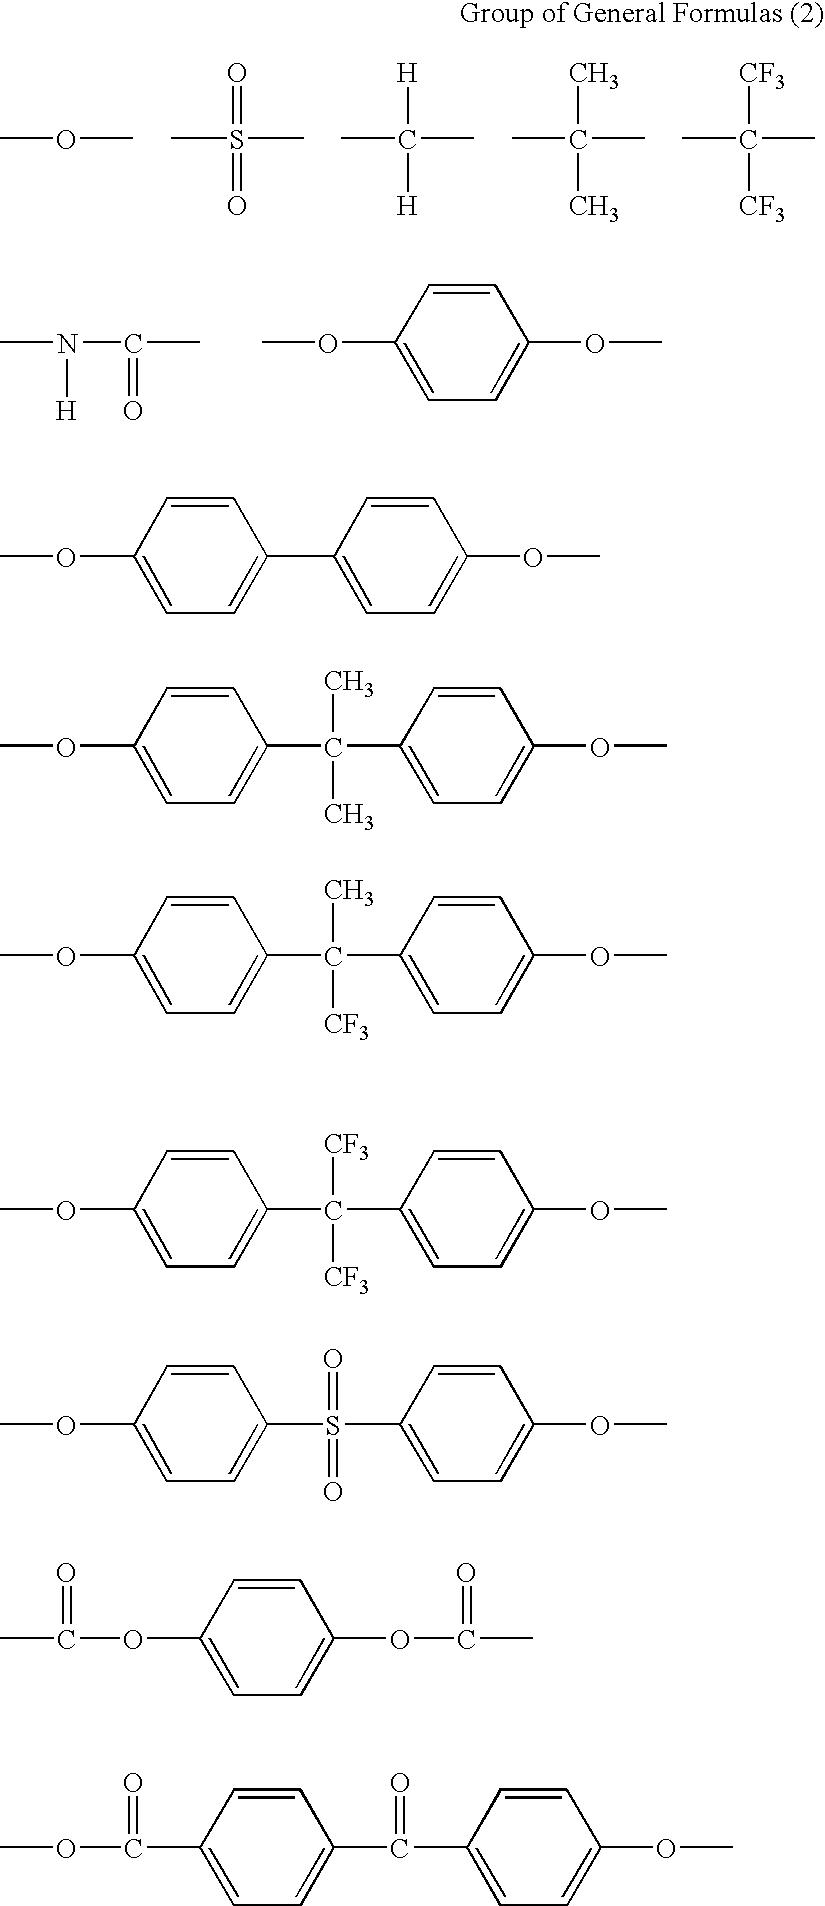 Figure US20090022939A1-20090122-C00003